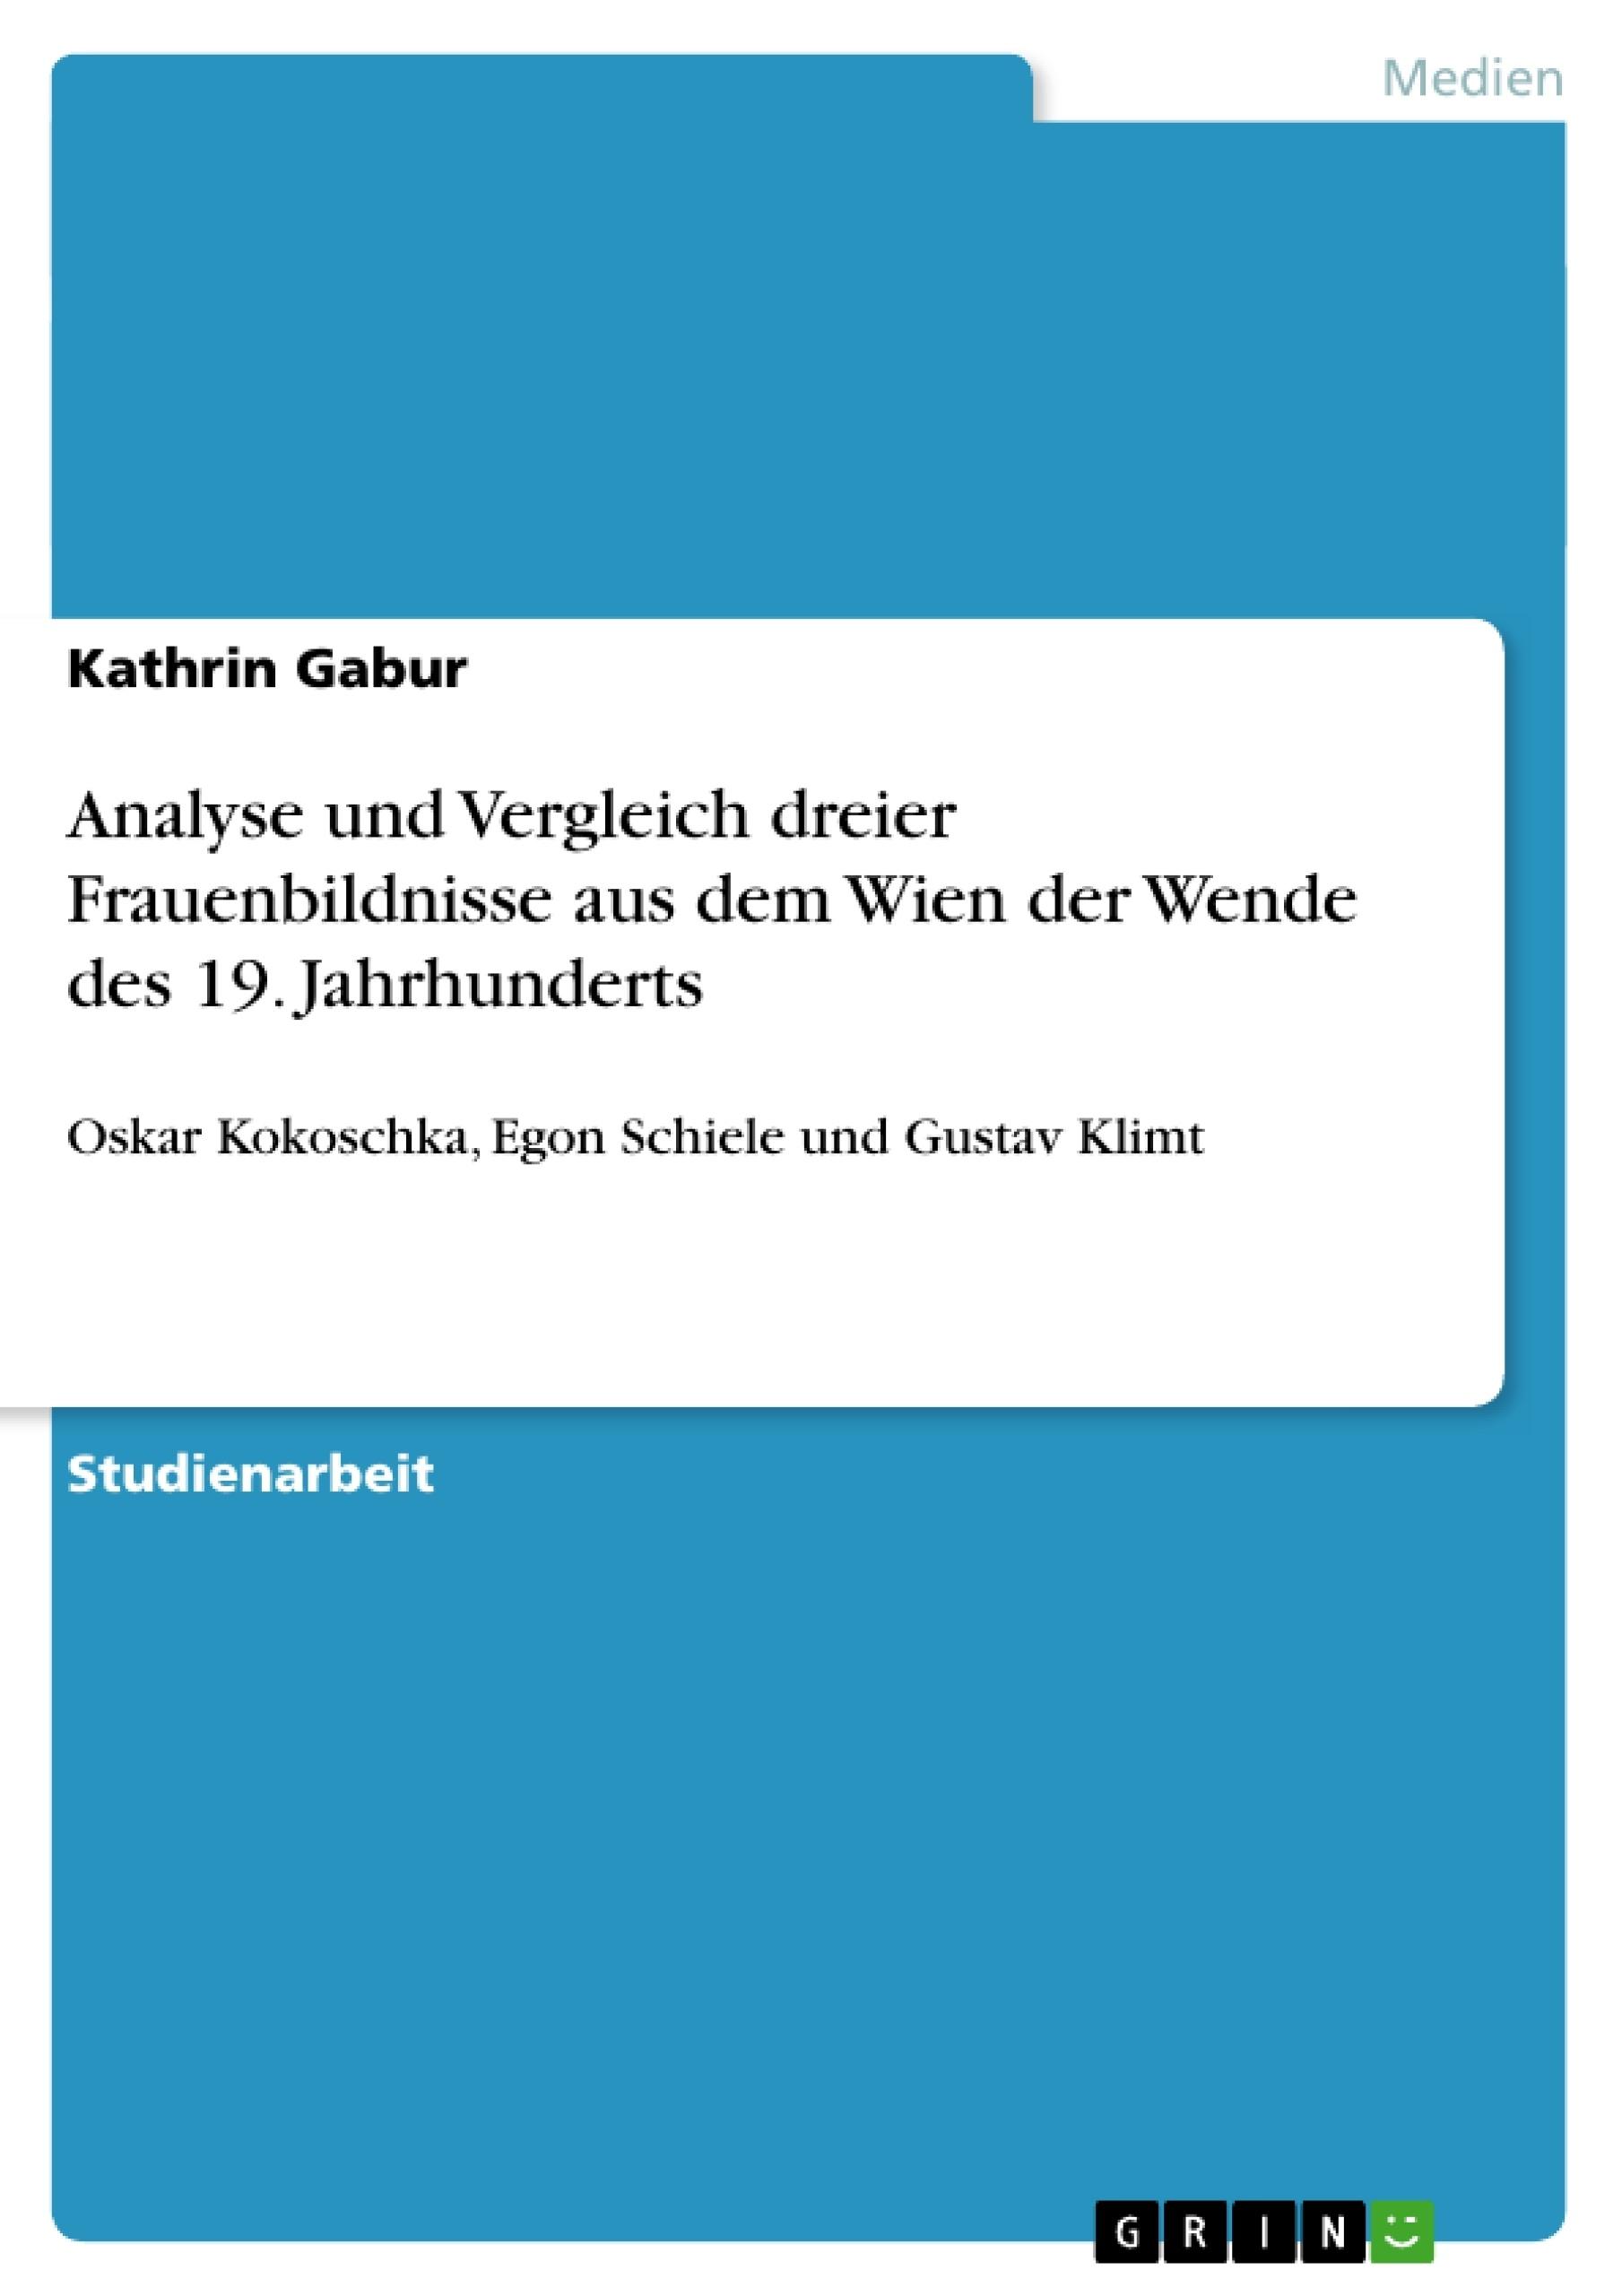 Titel: Analyse und Vergleich dreier Frauenbildnisse aus dem Wien der Wende des 19. Jahrhunderts